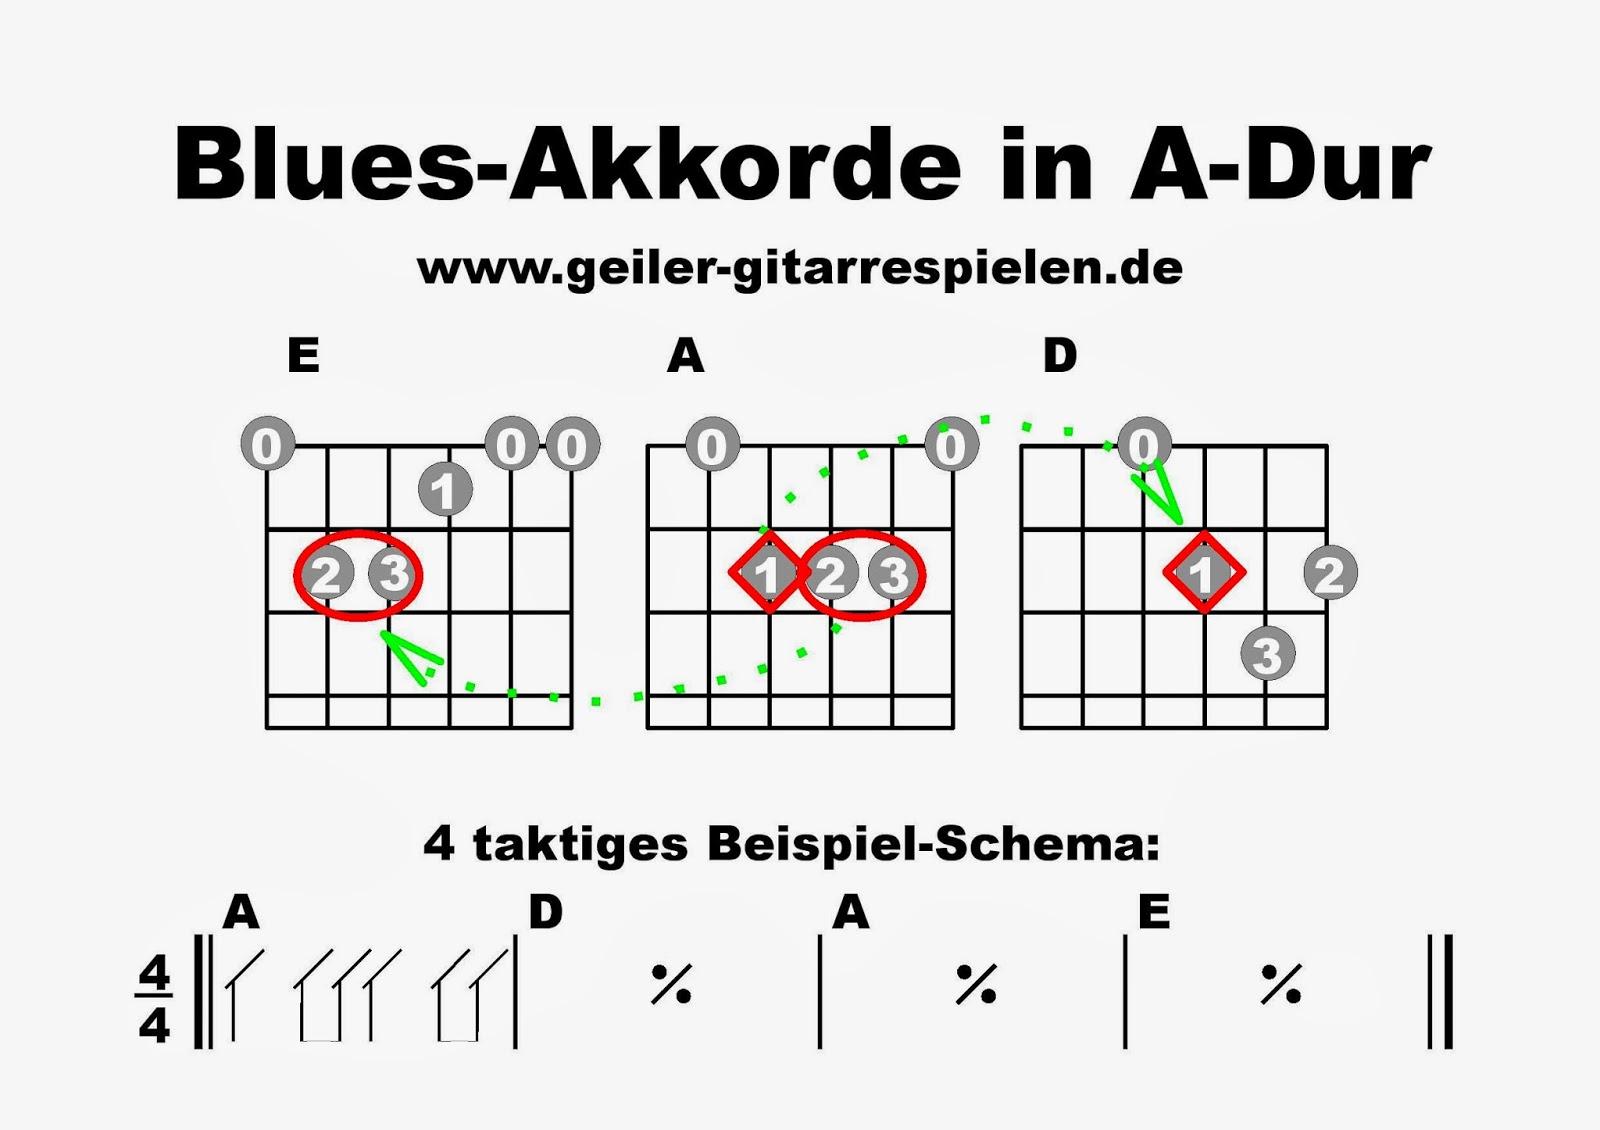 Blues-Akkorde in A-Dur | Einfach geiler Gitarre spielen!